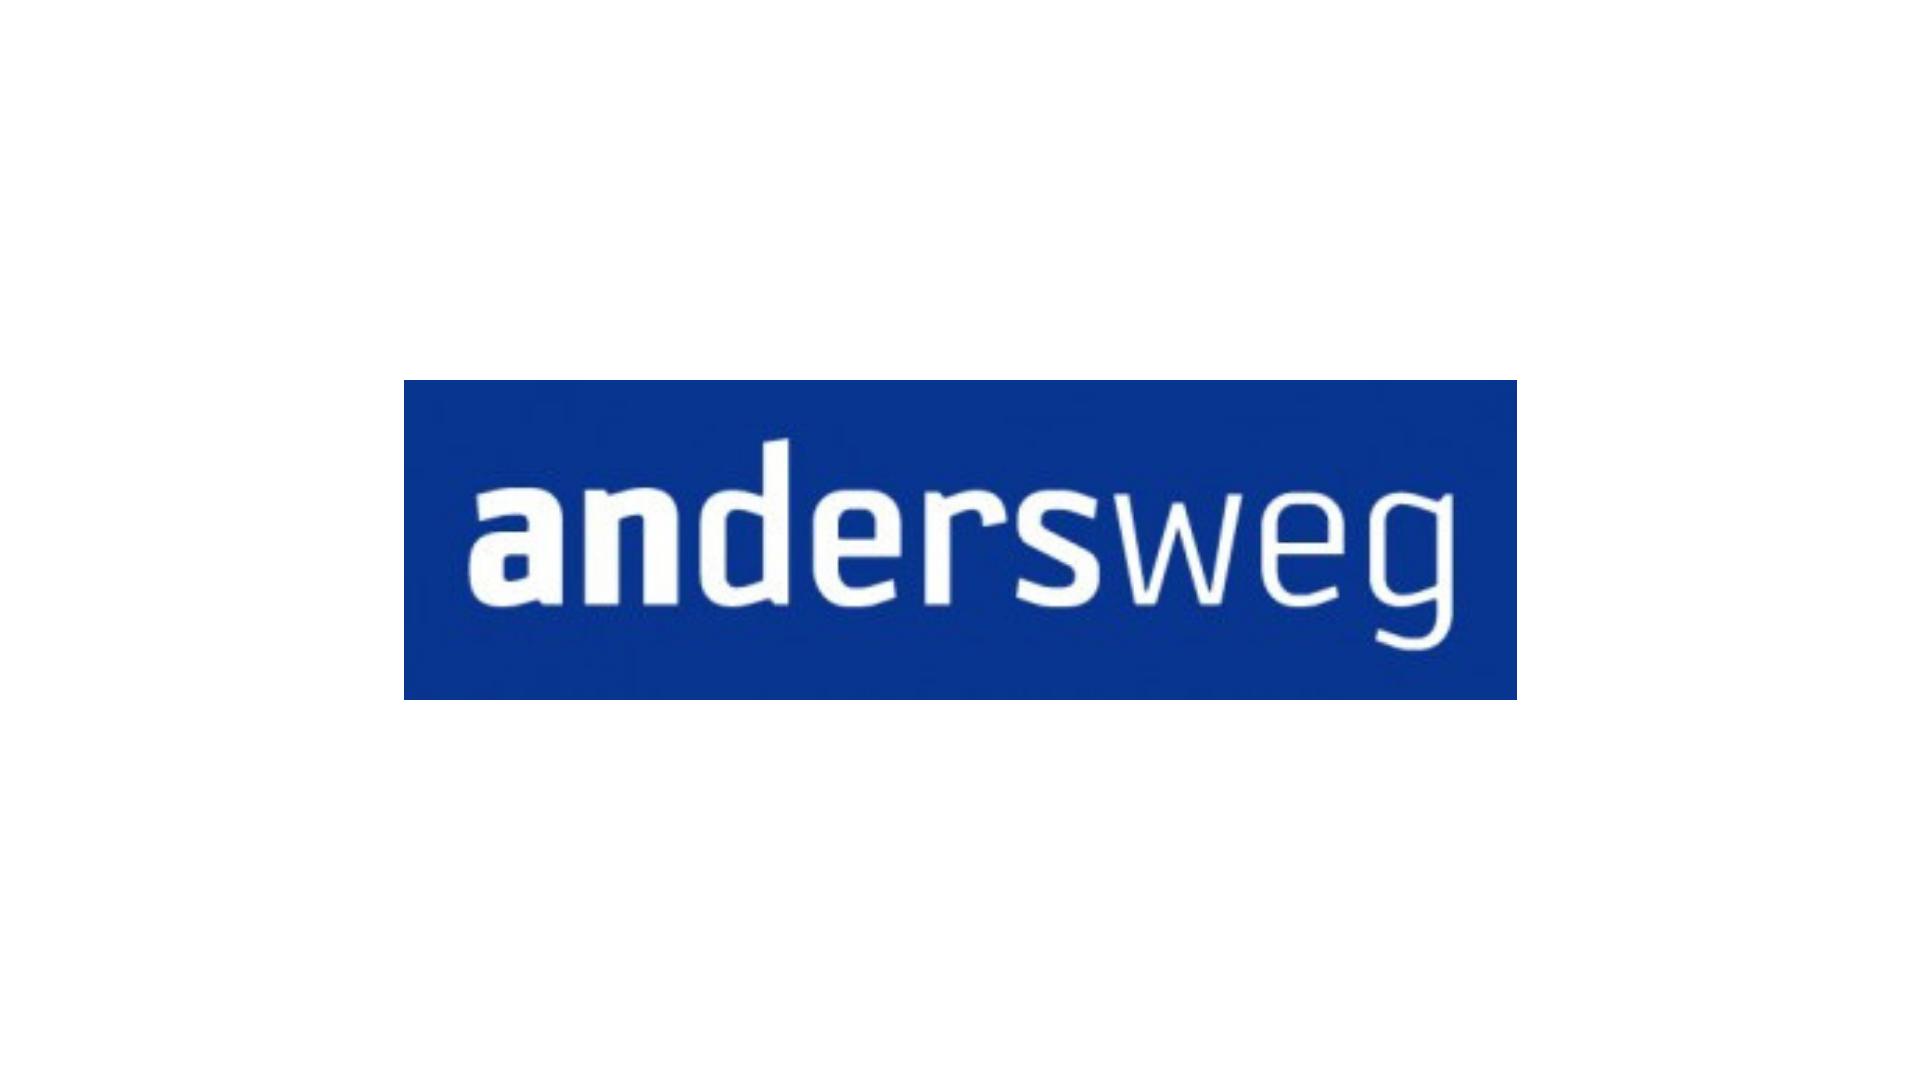 andersweg-logo-w